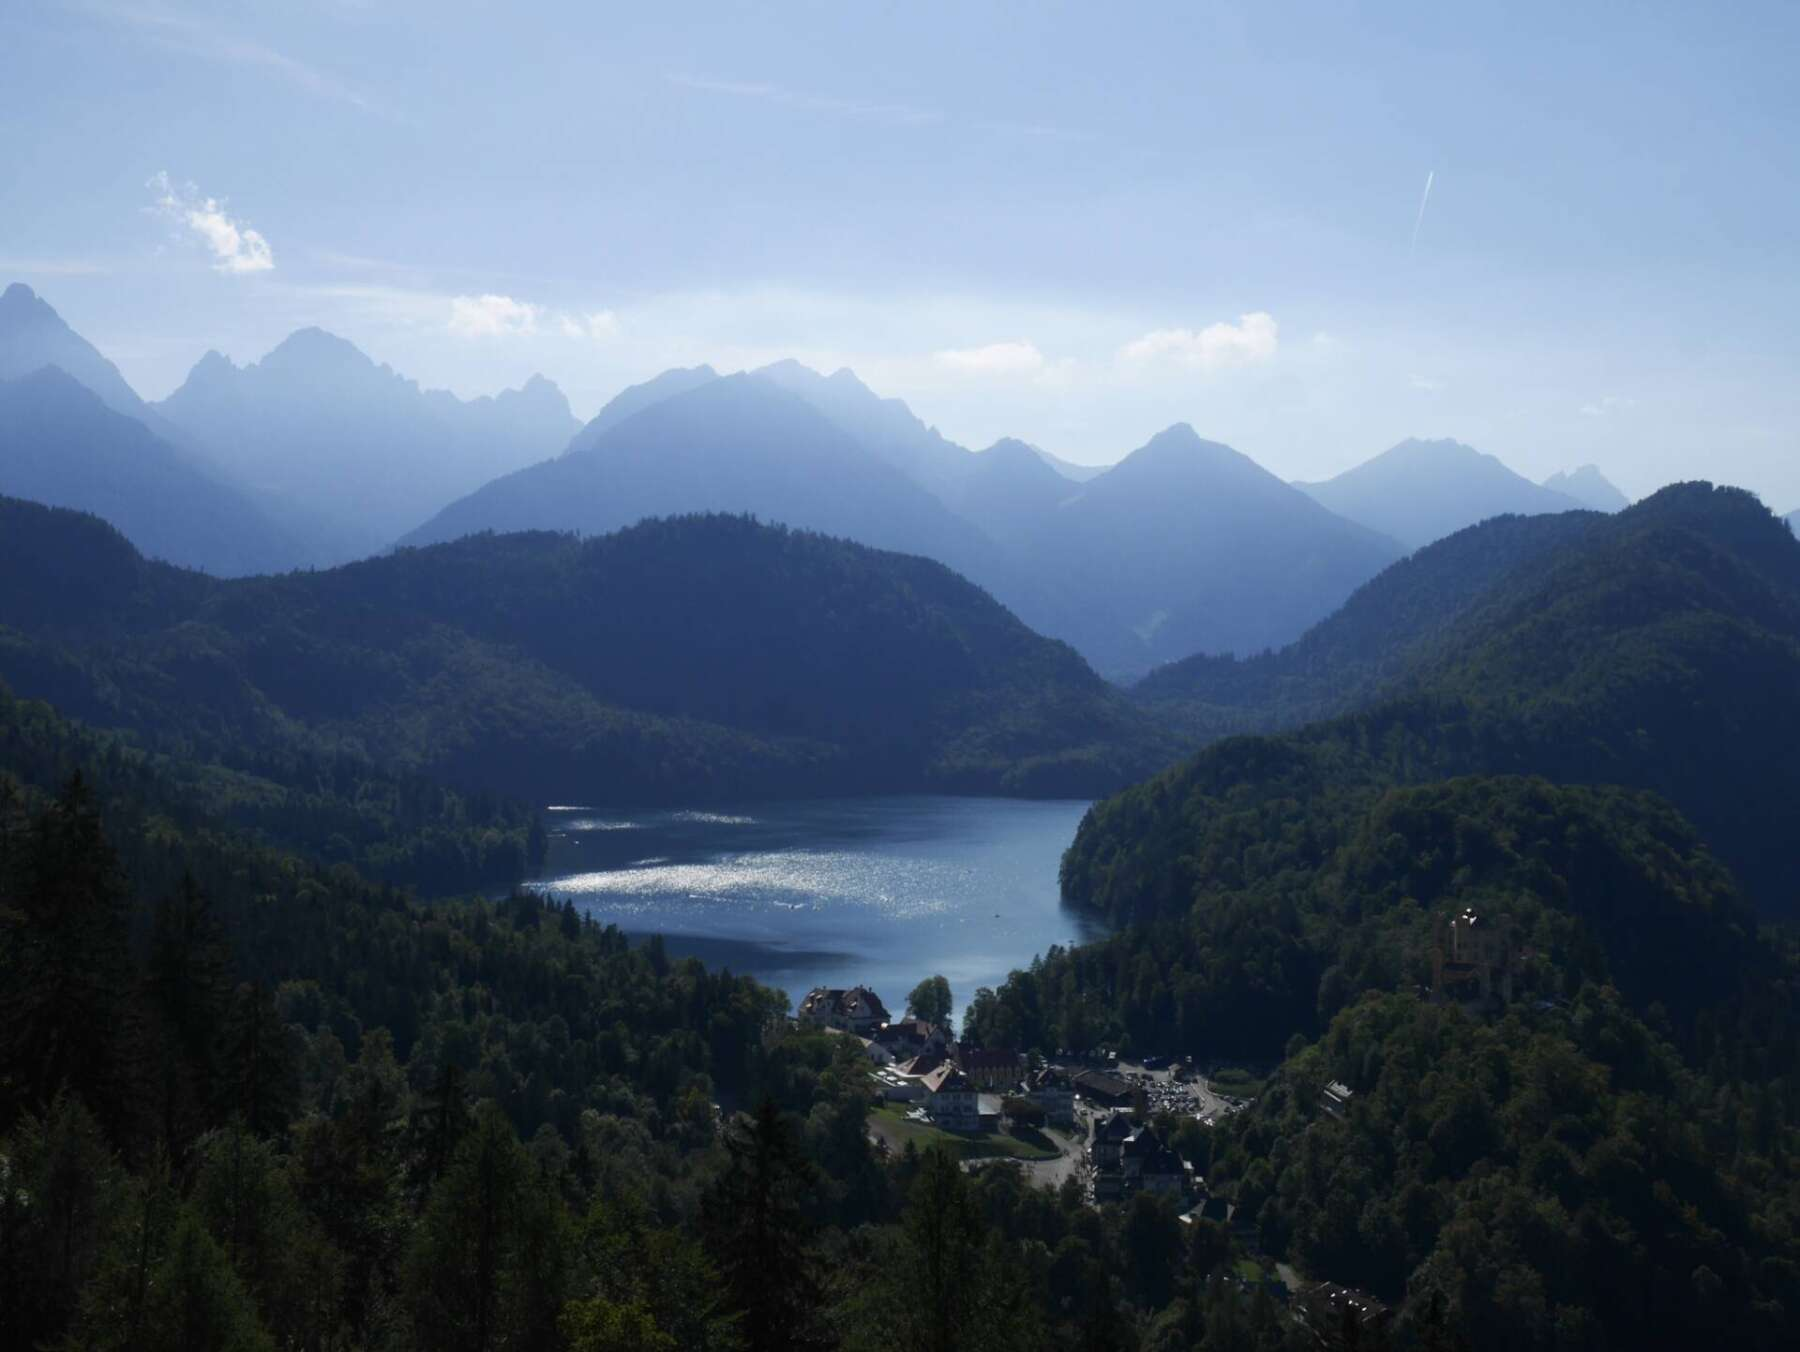 ทะเลสาบ Alpsee